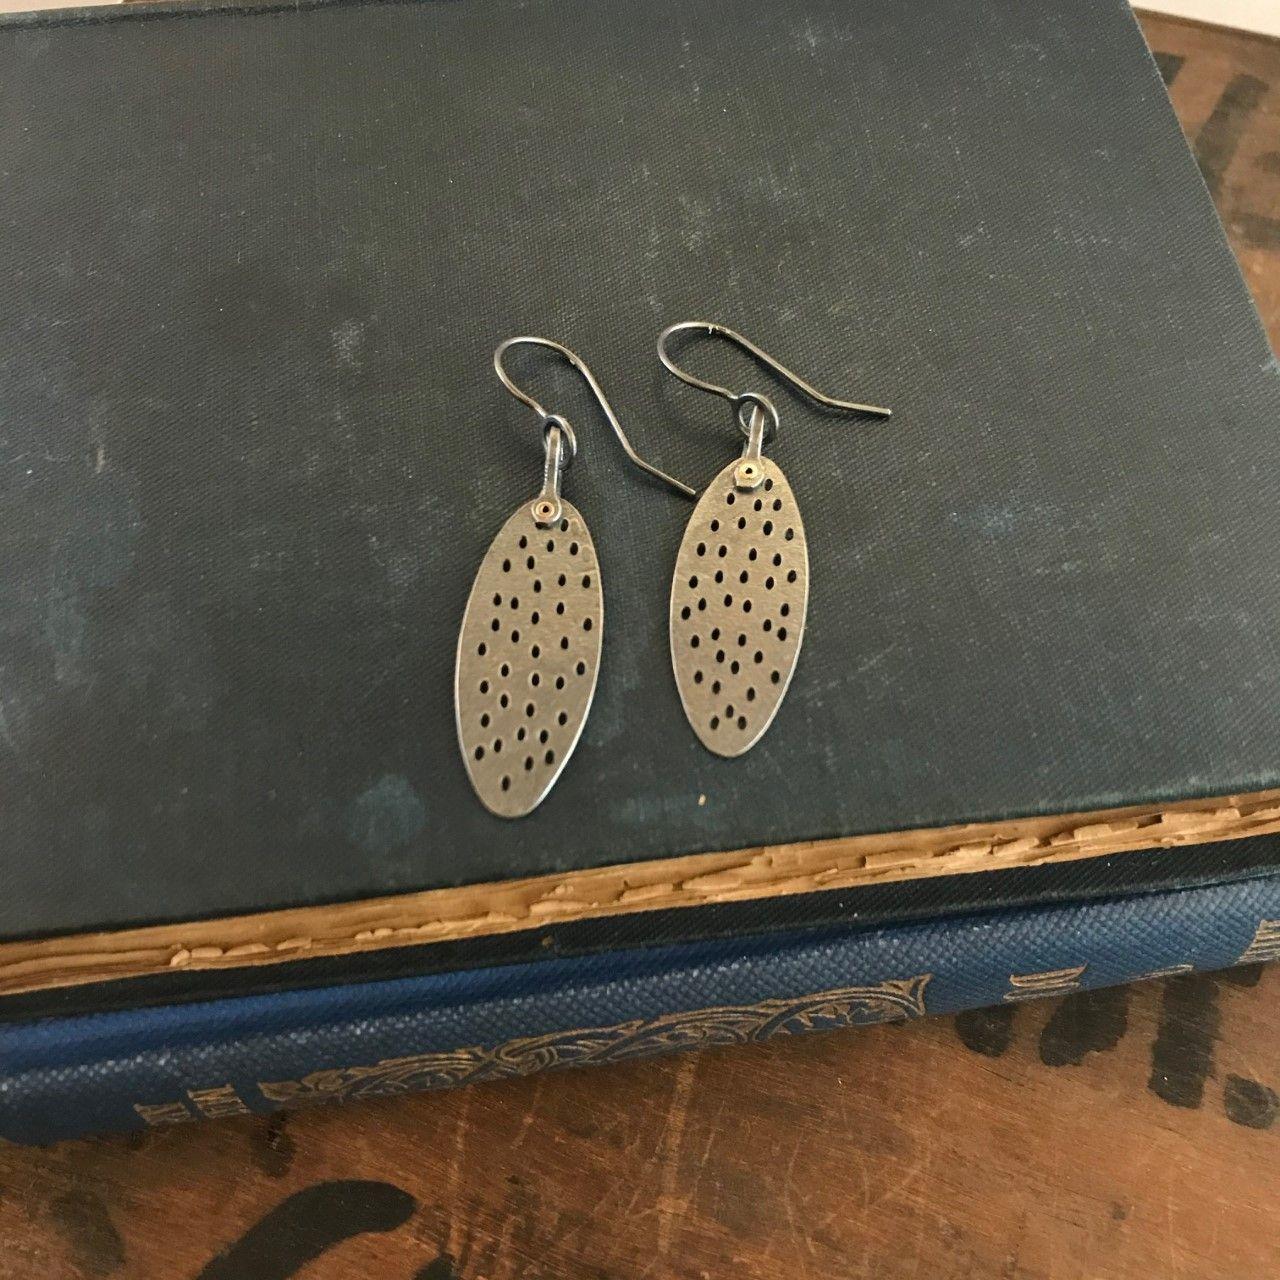 39 Earrings_HoleyOvals_B4.jpg